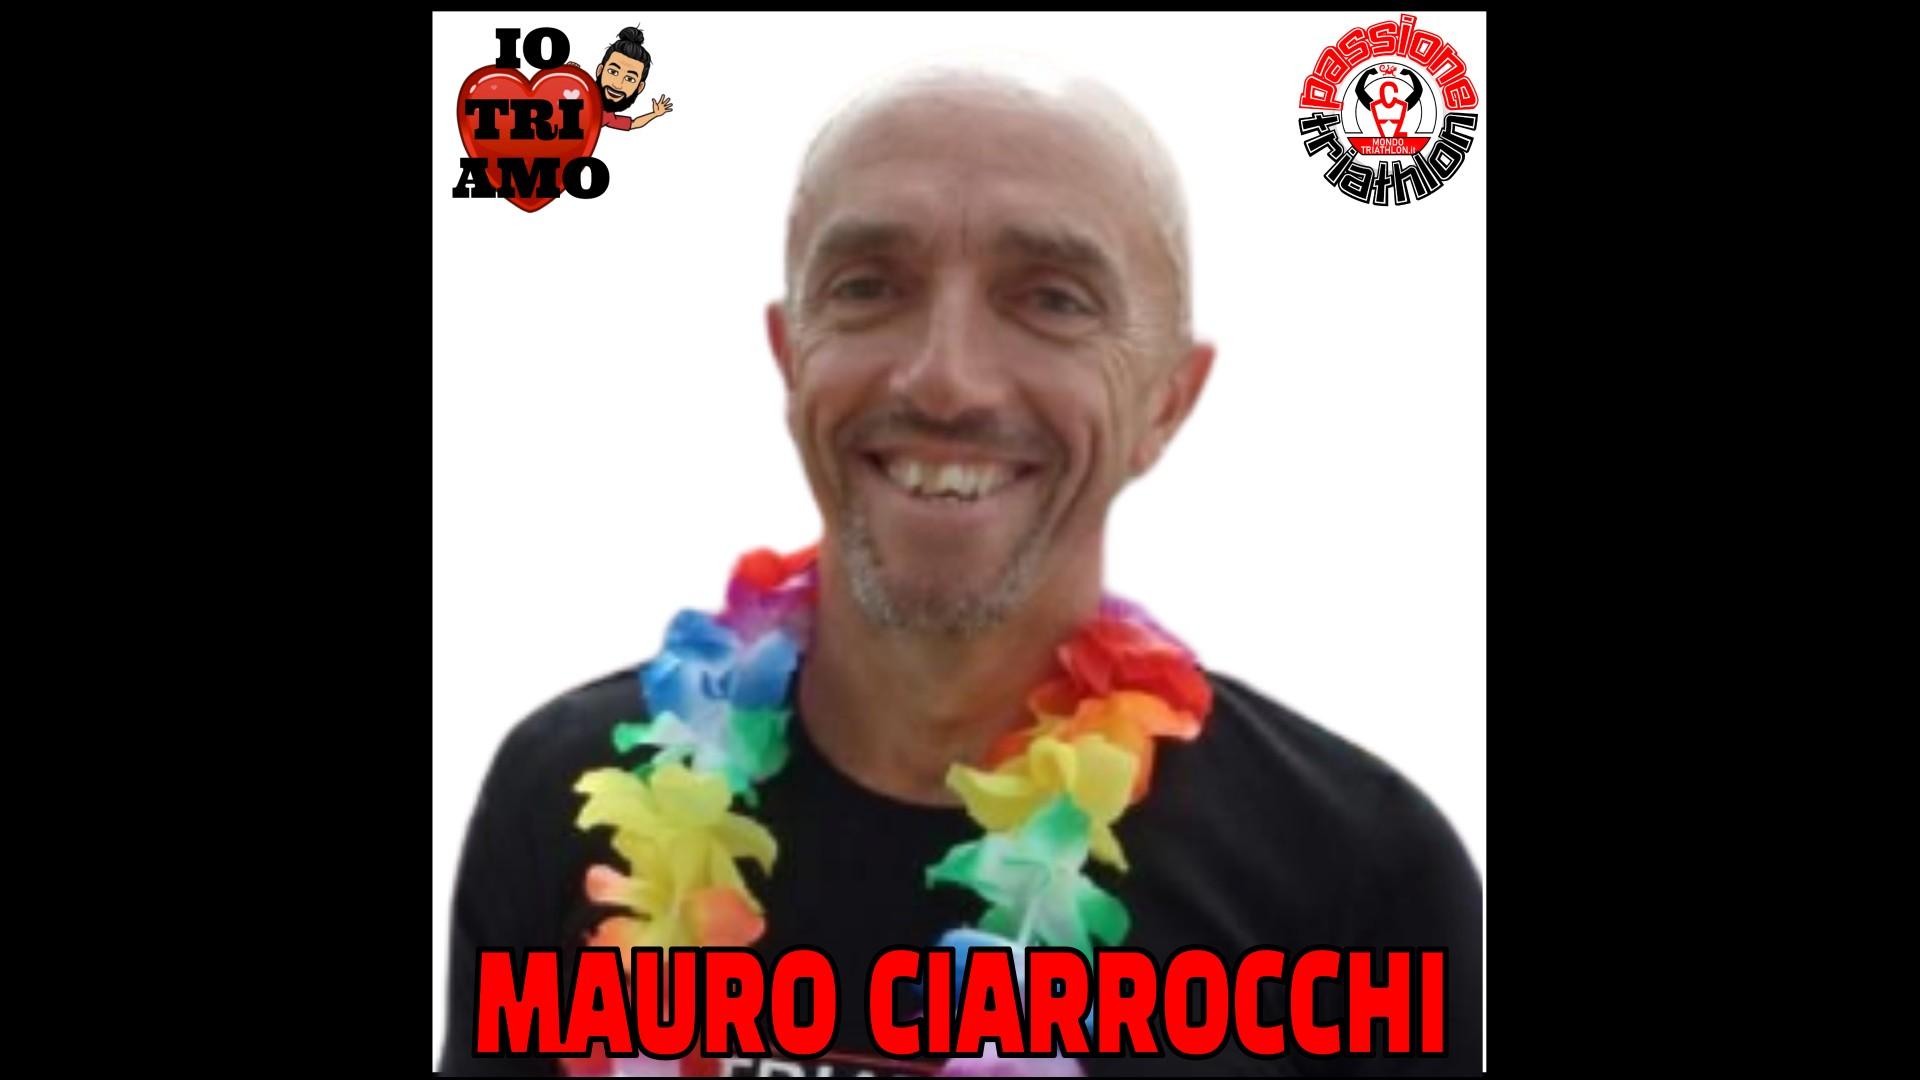 Mauro Ciarrocchi Passione Triathlon n° 85